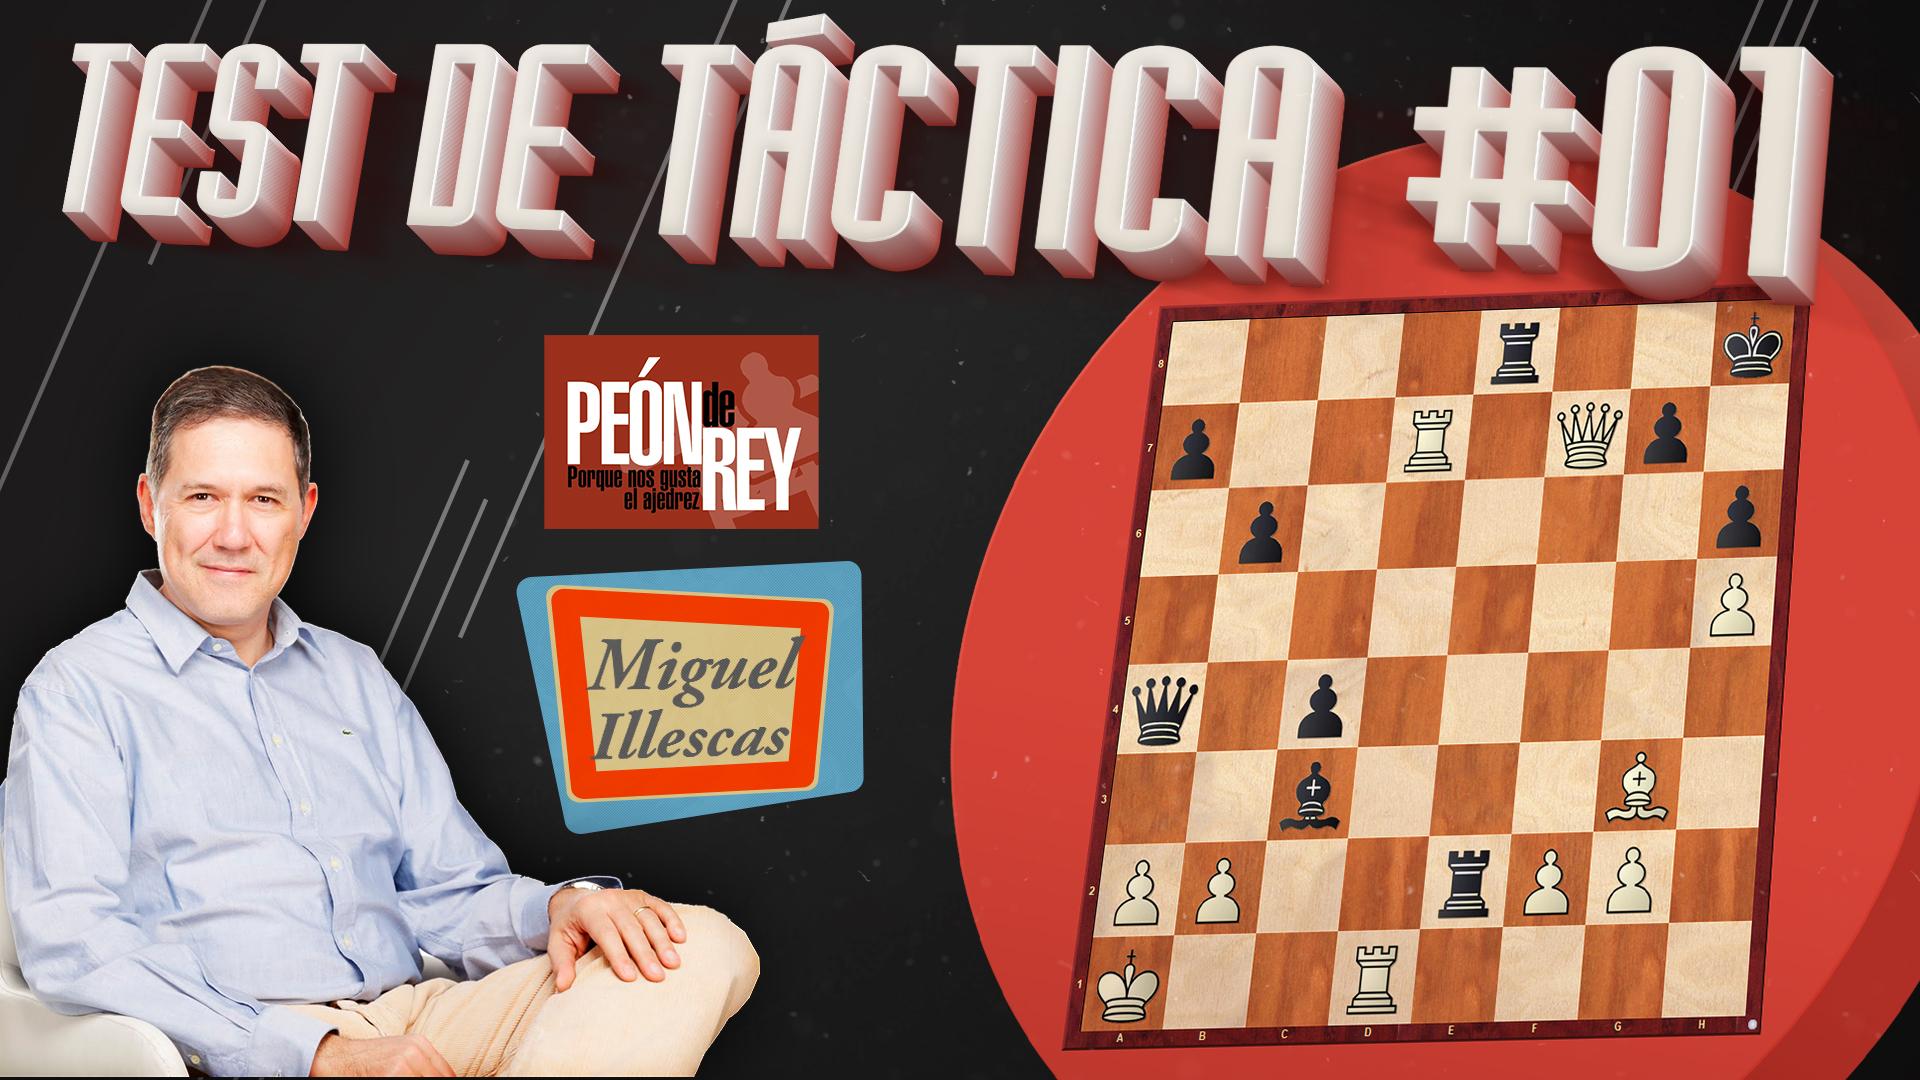 Ajedrez: Test de táctica #01